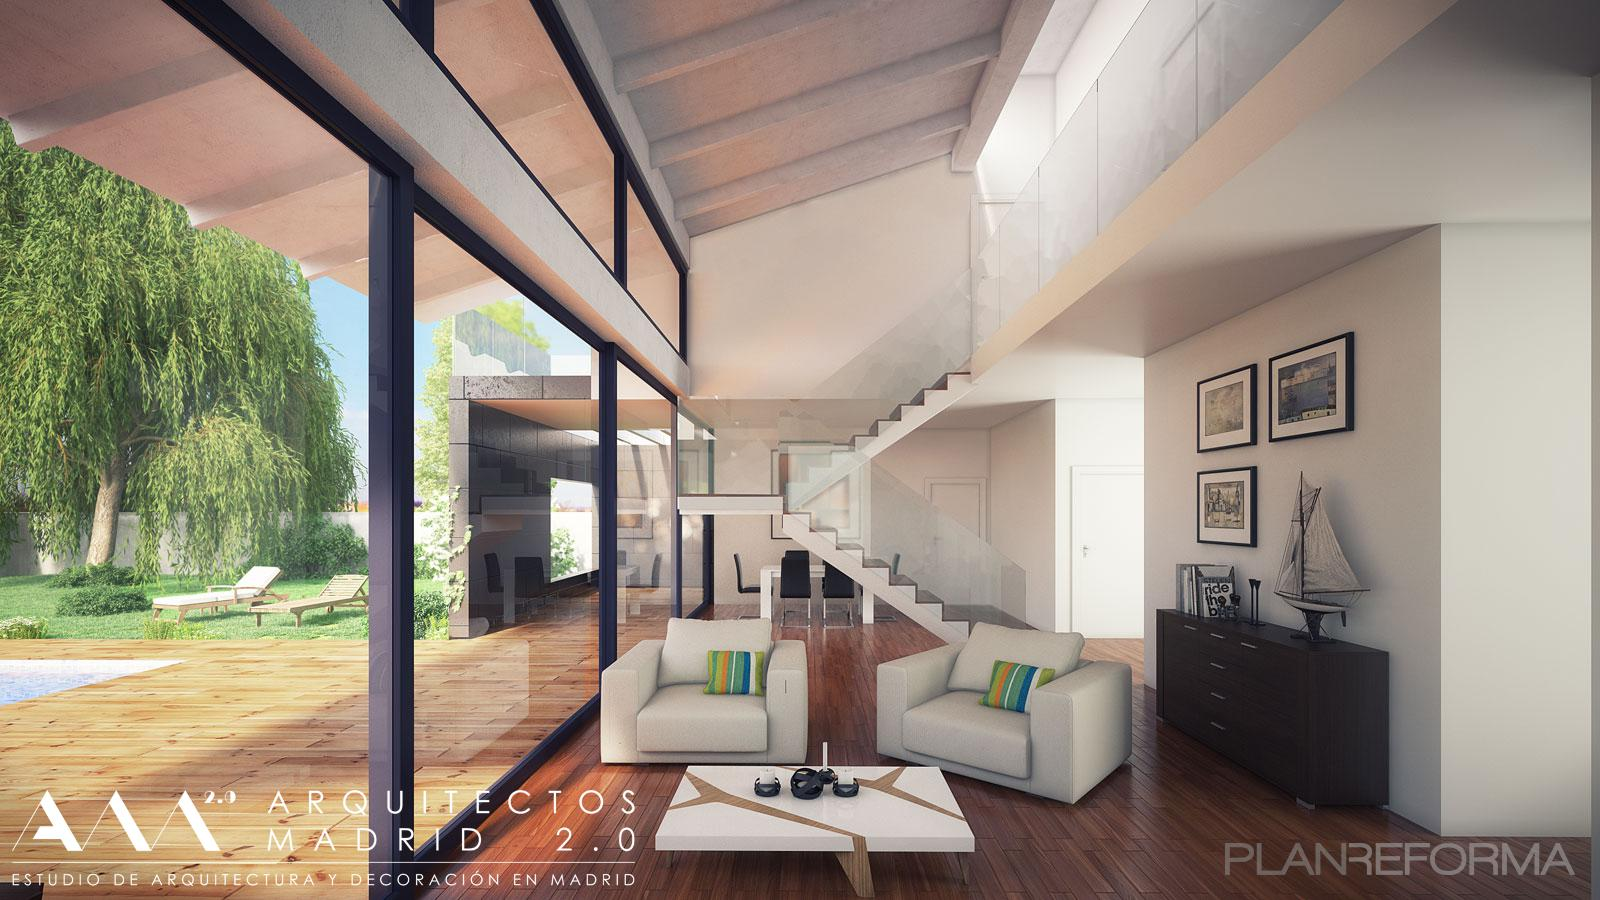 Exterior jardin loft style moderno color marron blanco - Listado arquitectos madrid ...